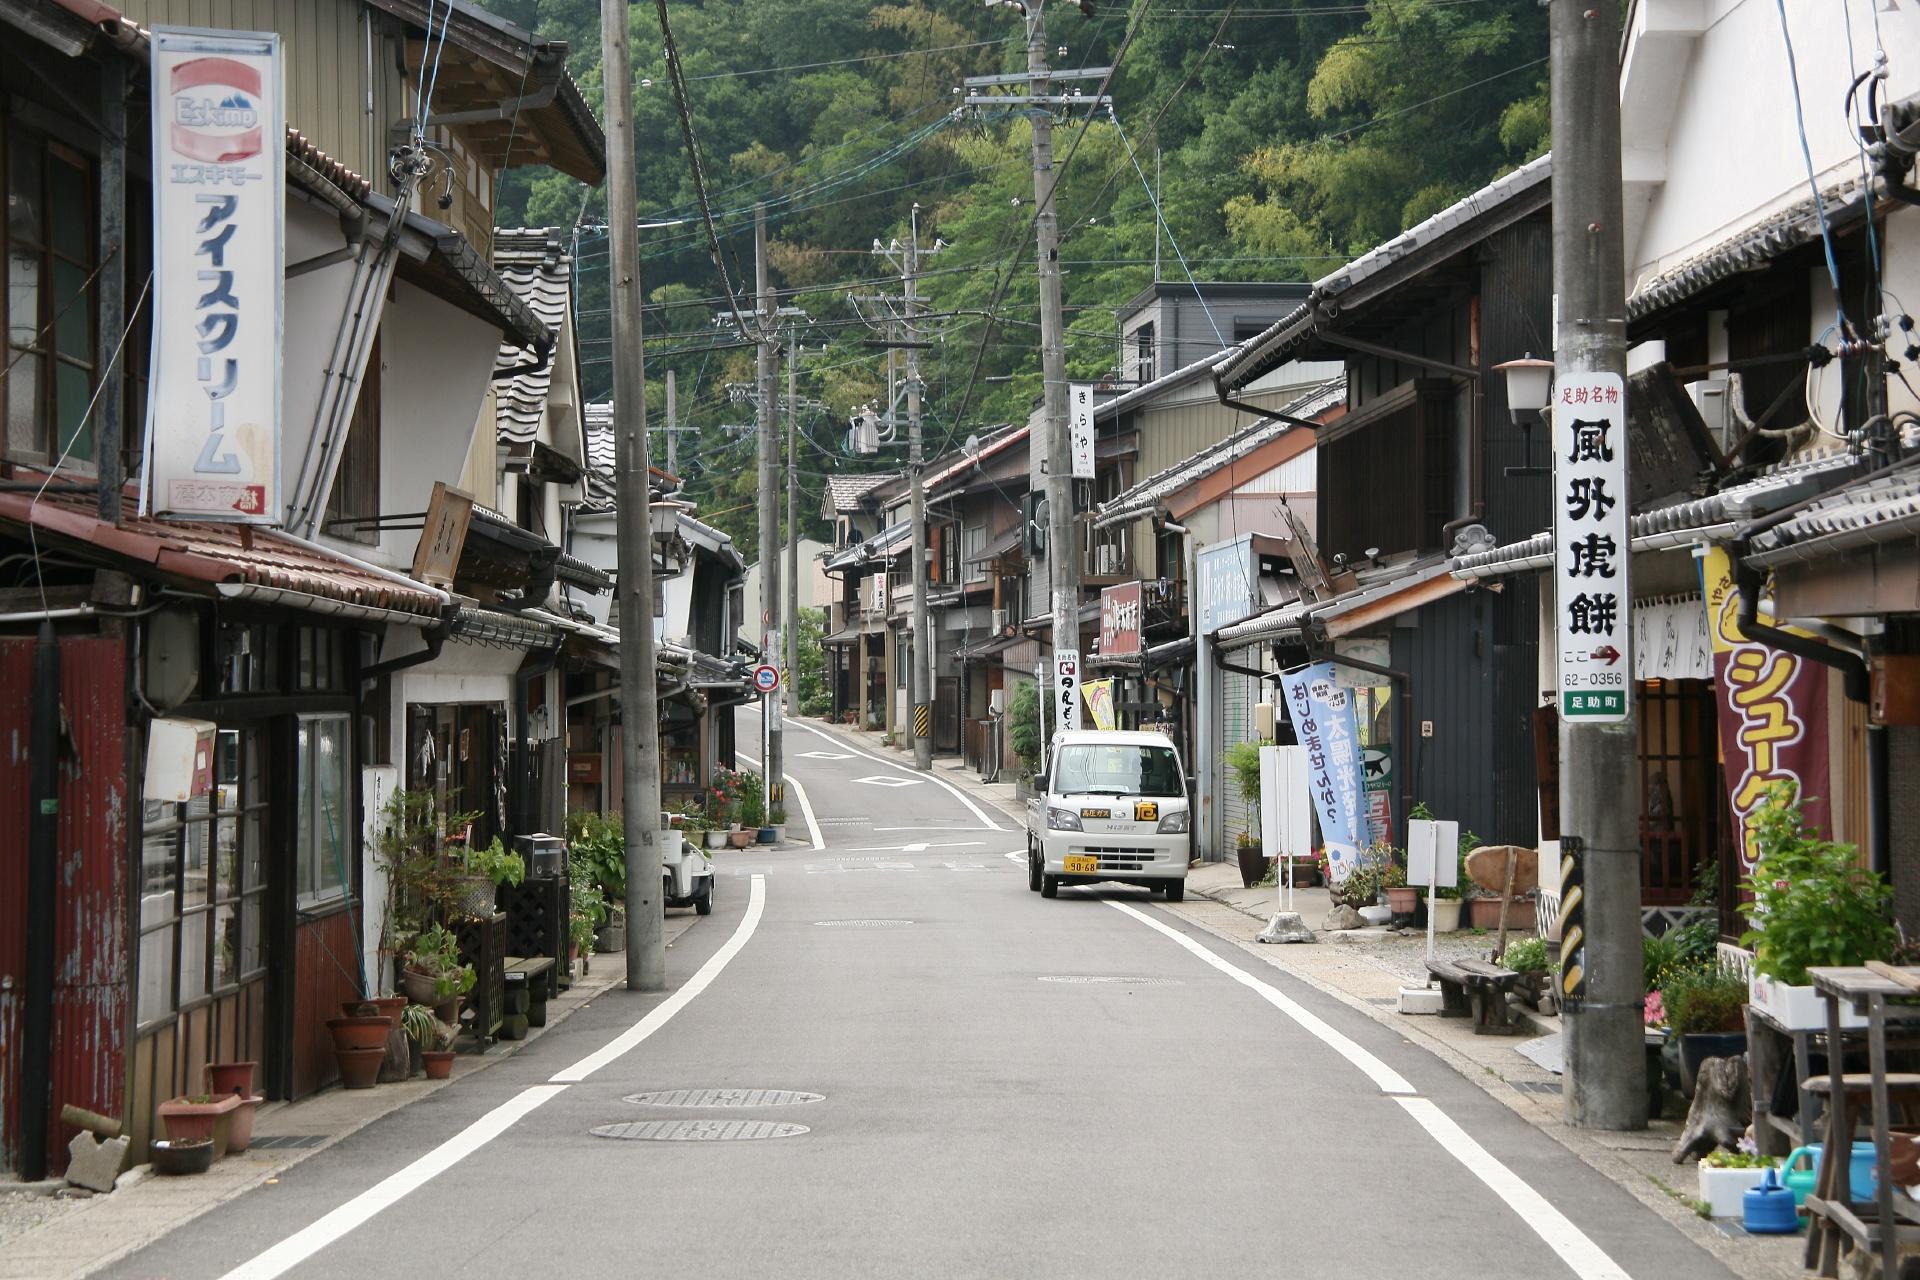 足助の古い町並み 愛知の風景